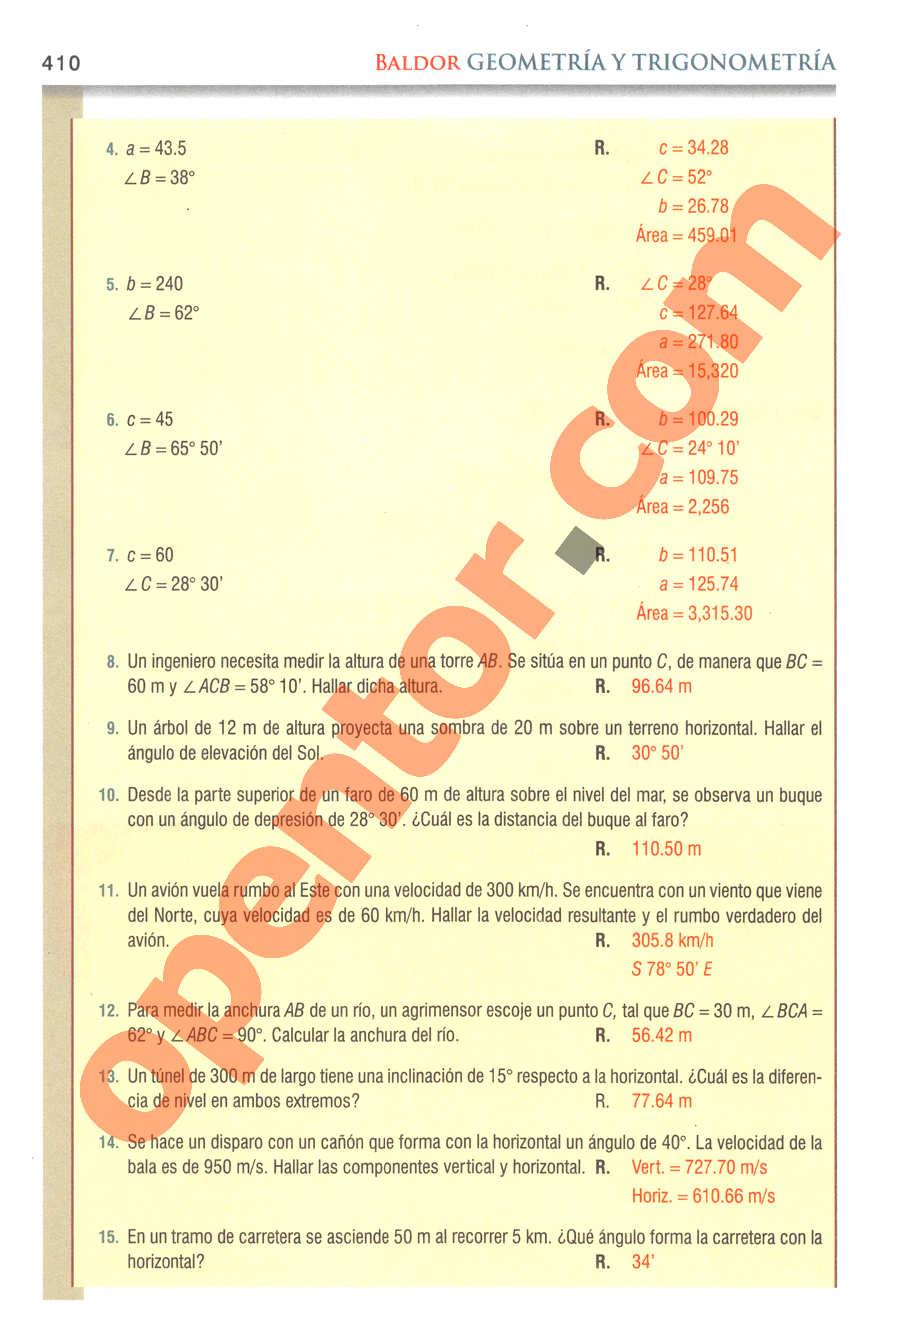 Geometría y Trigonometría de Baldor - Página 410